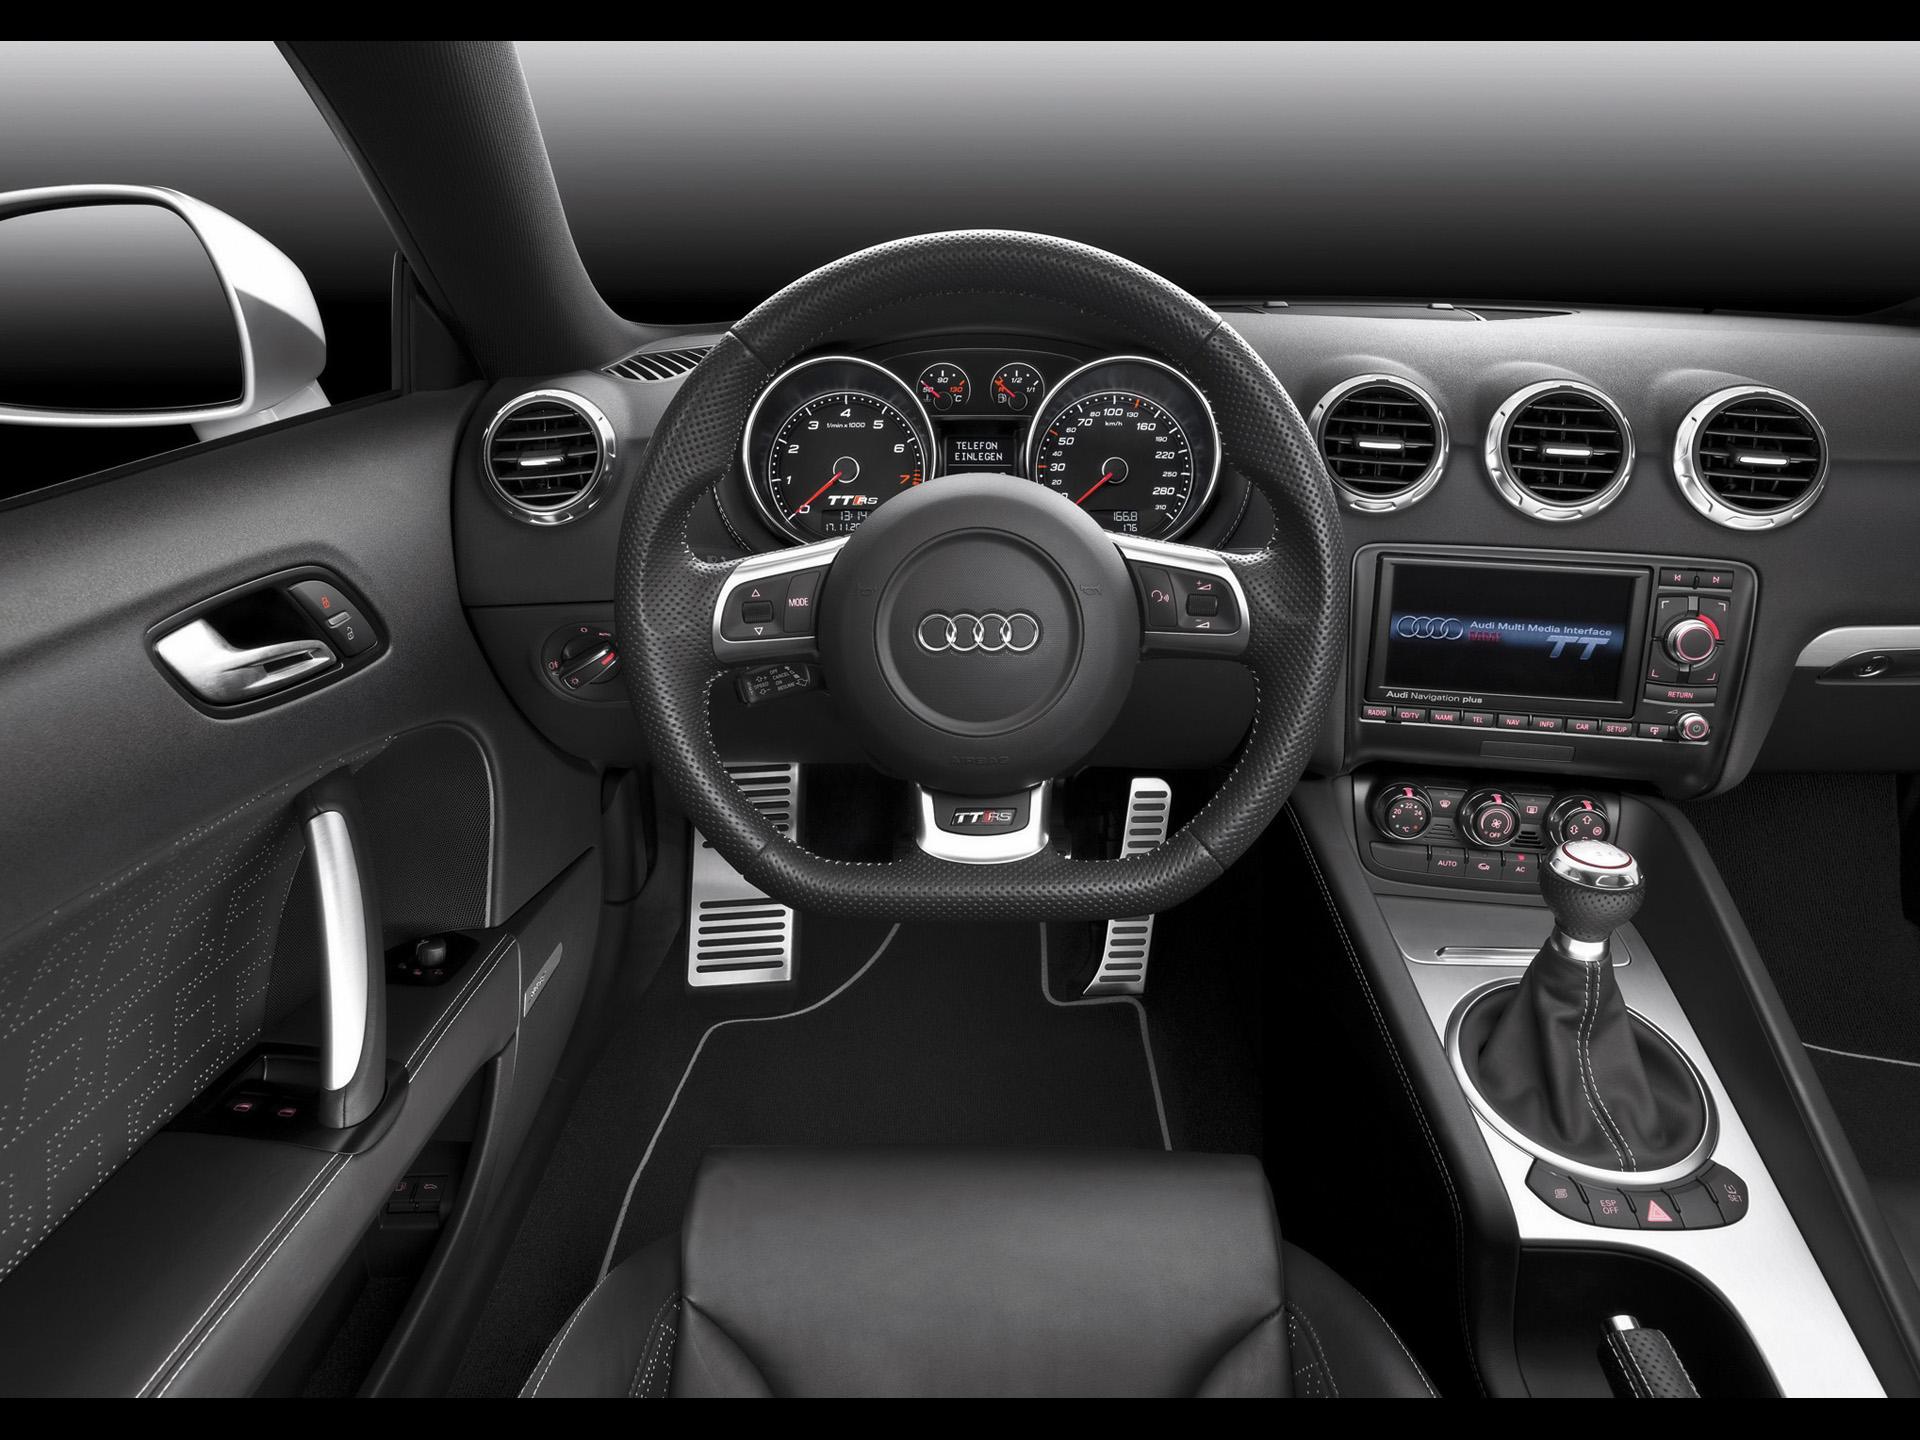 Audi TTS II (8J) 2008 - 2010 Coupe #8